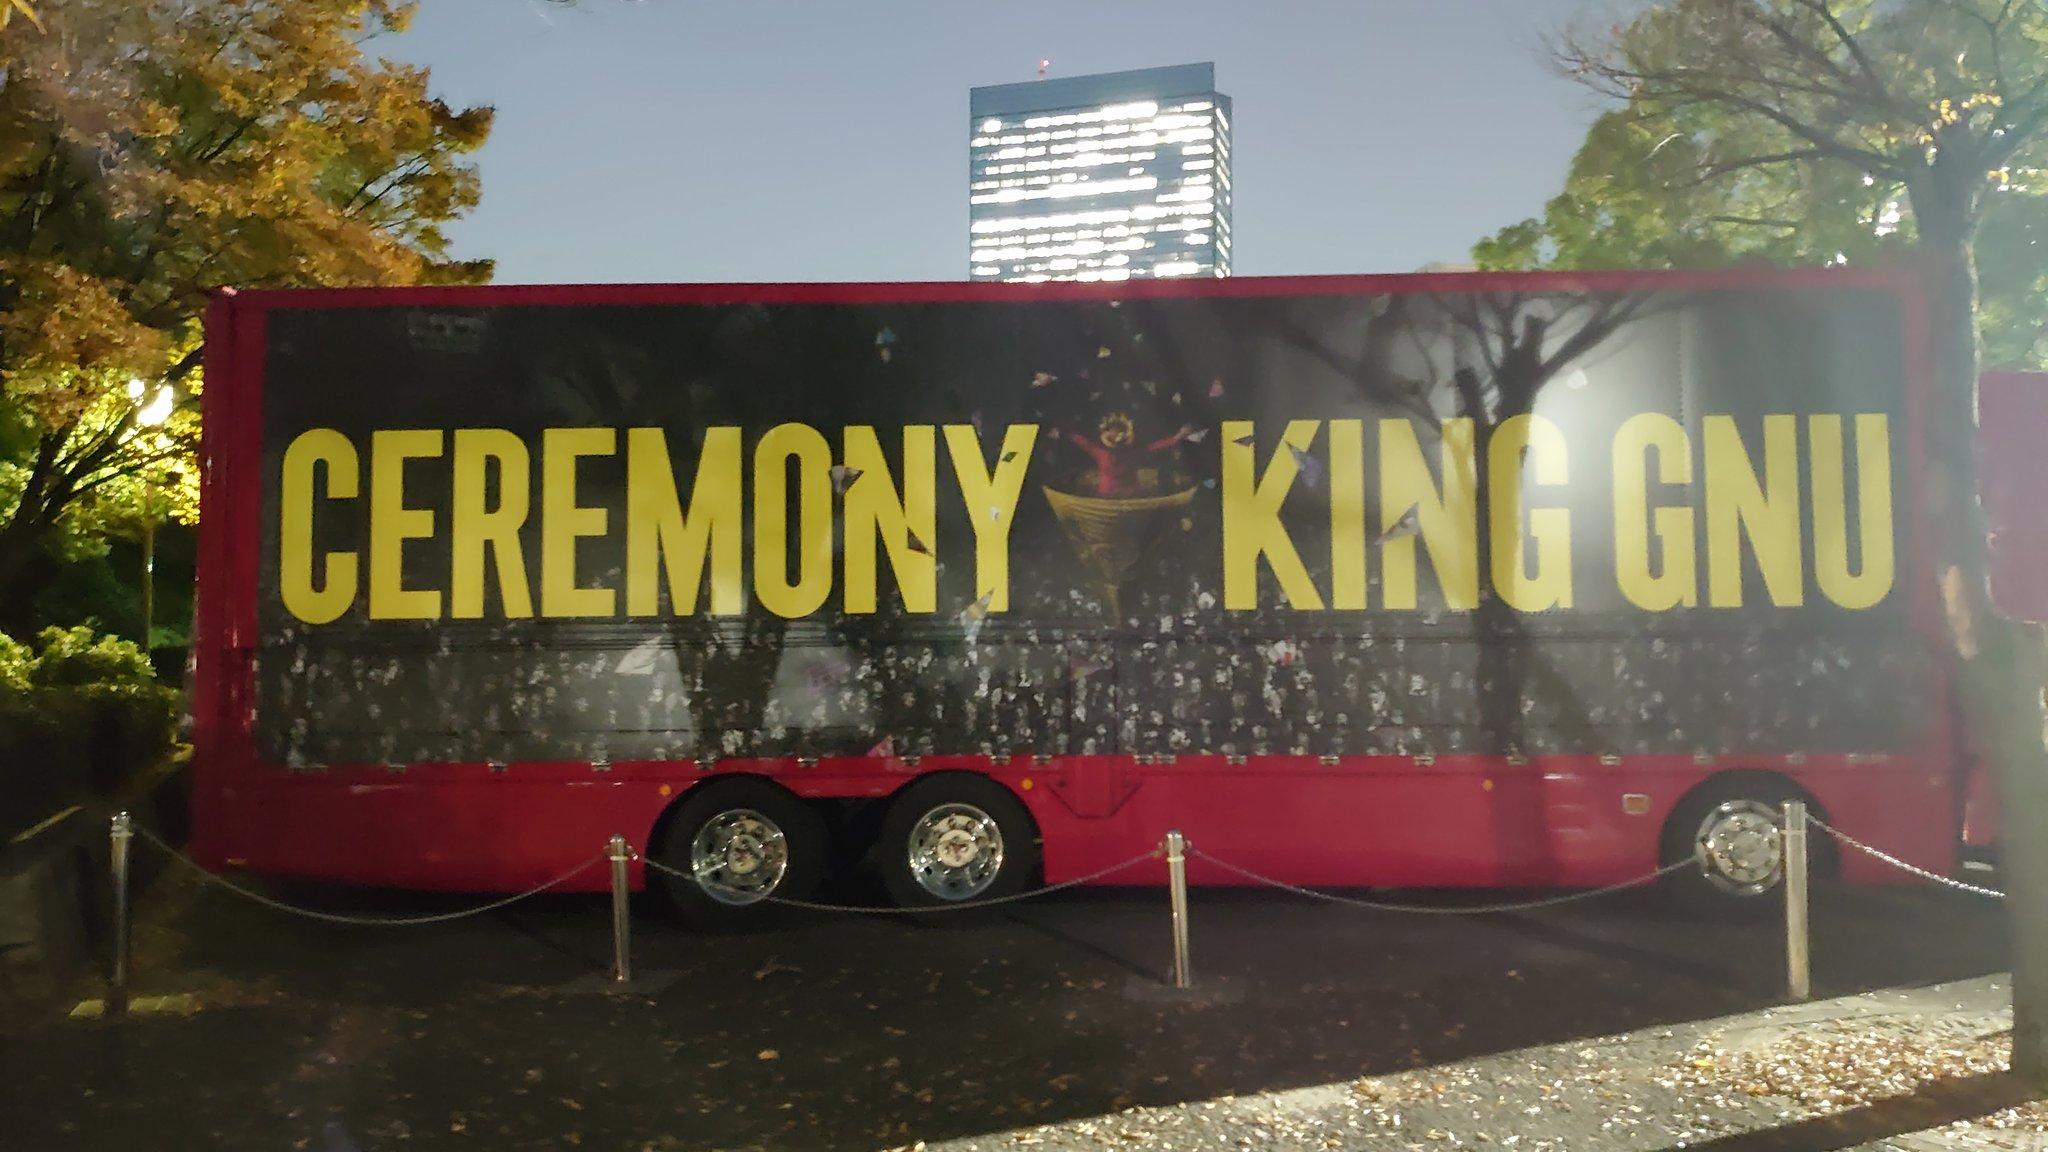 king gnu ライブのセトリ!!初の武道館アリーナライブで何を歌った